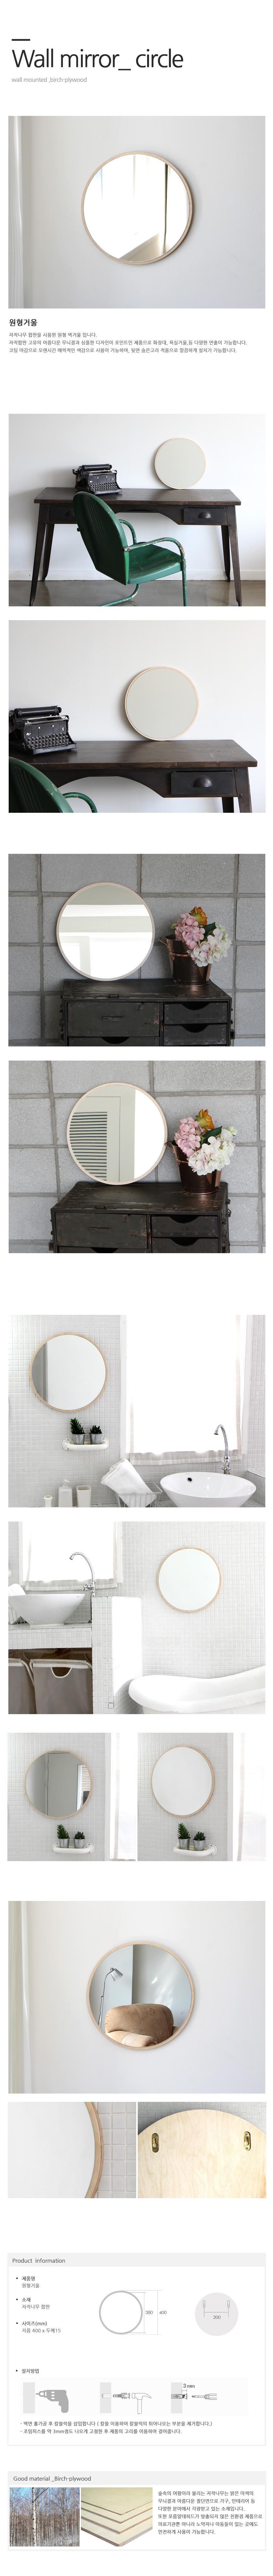 자작나무 원형 벽거울 - 럼버잭, 32,000원, 거울, 벽걸이거울